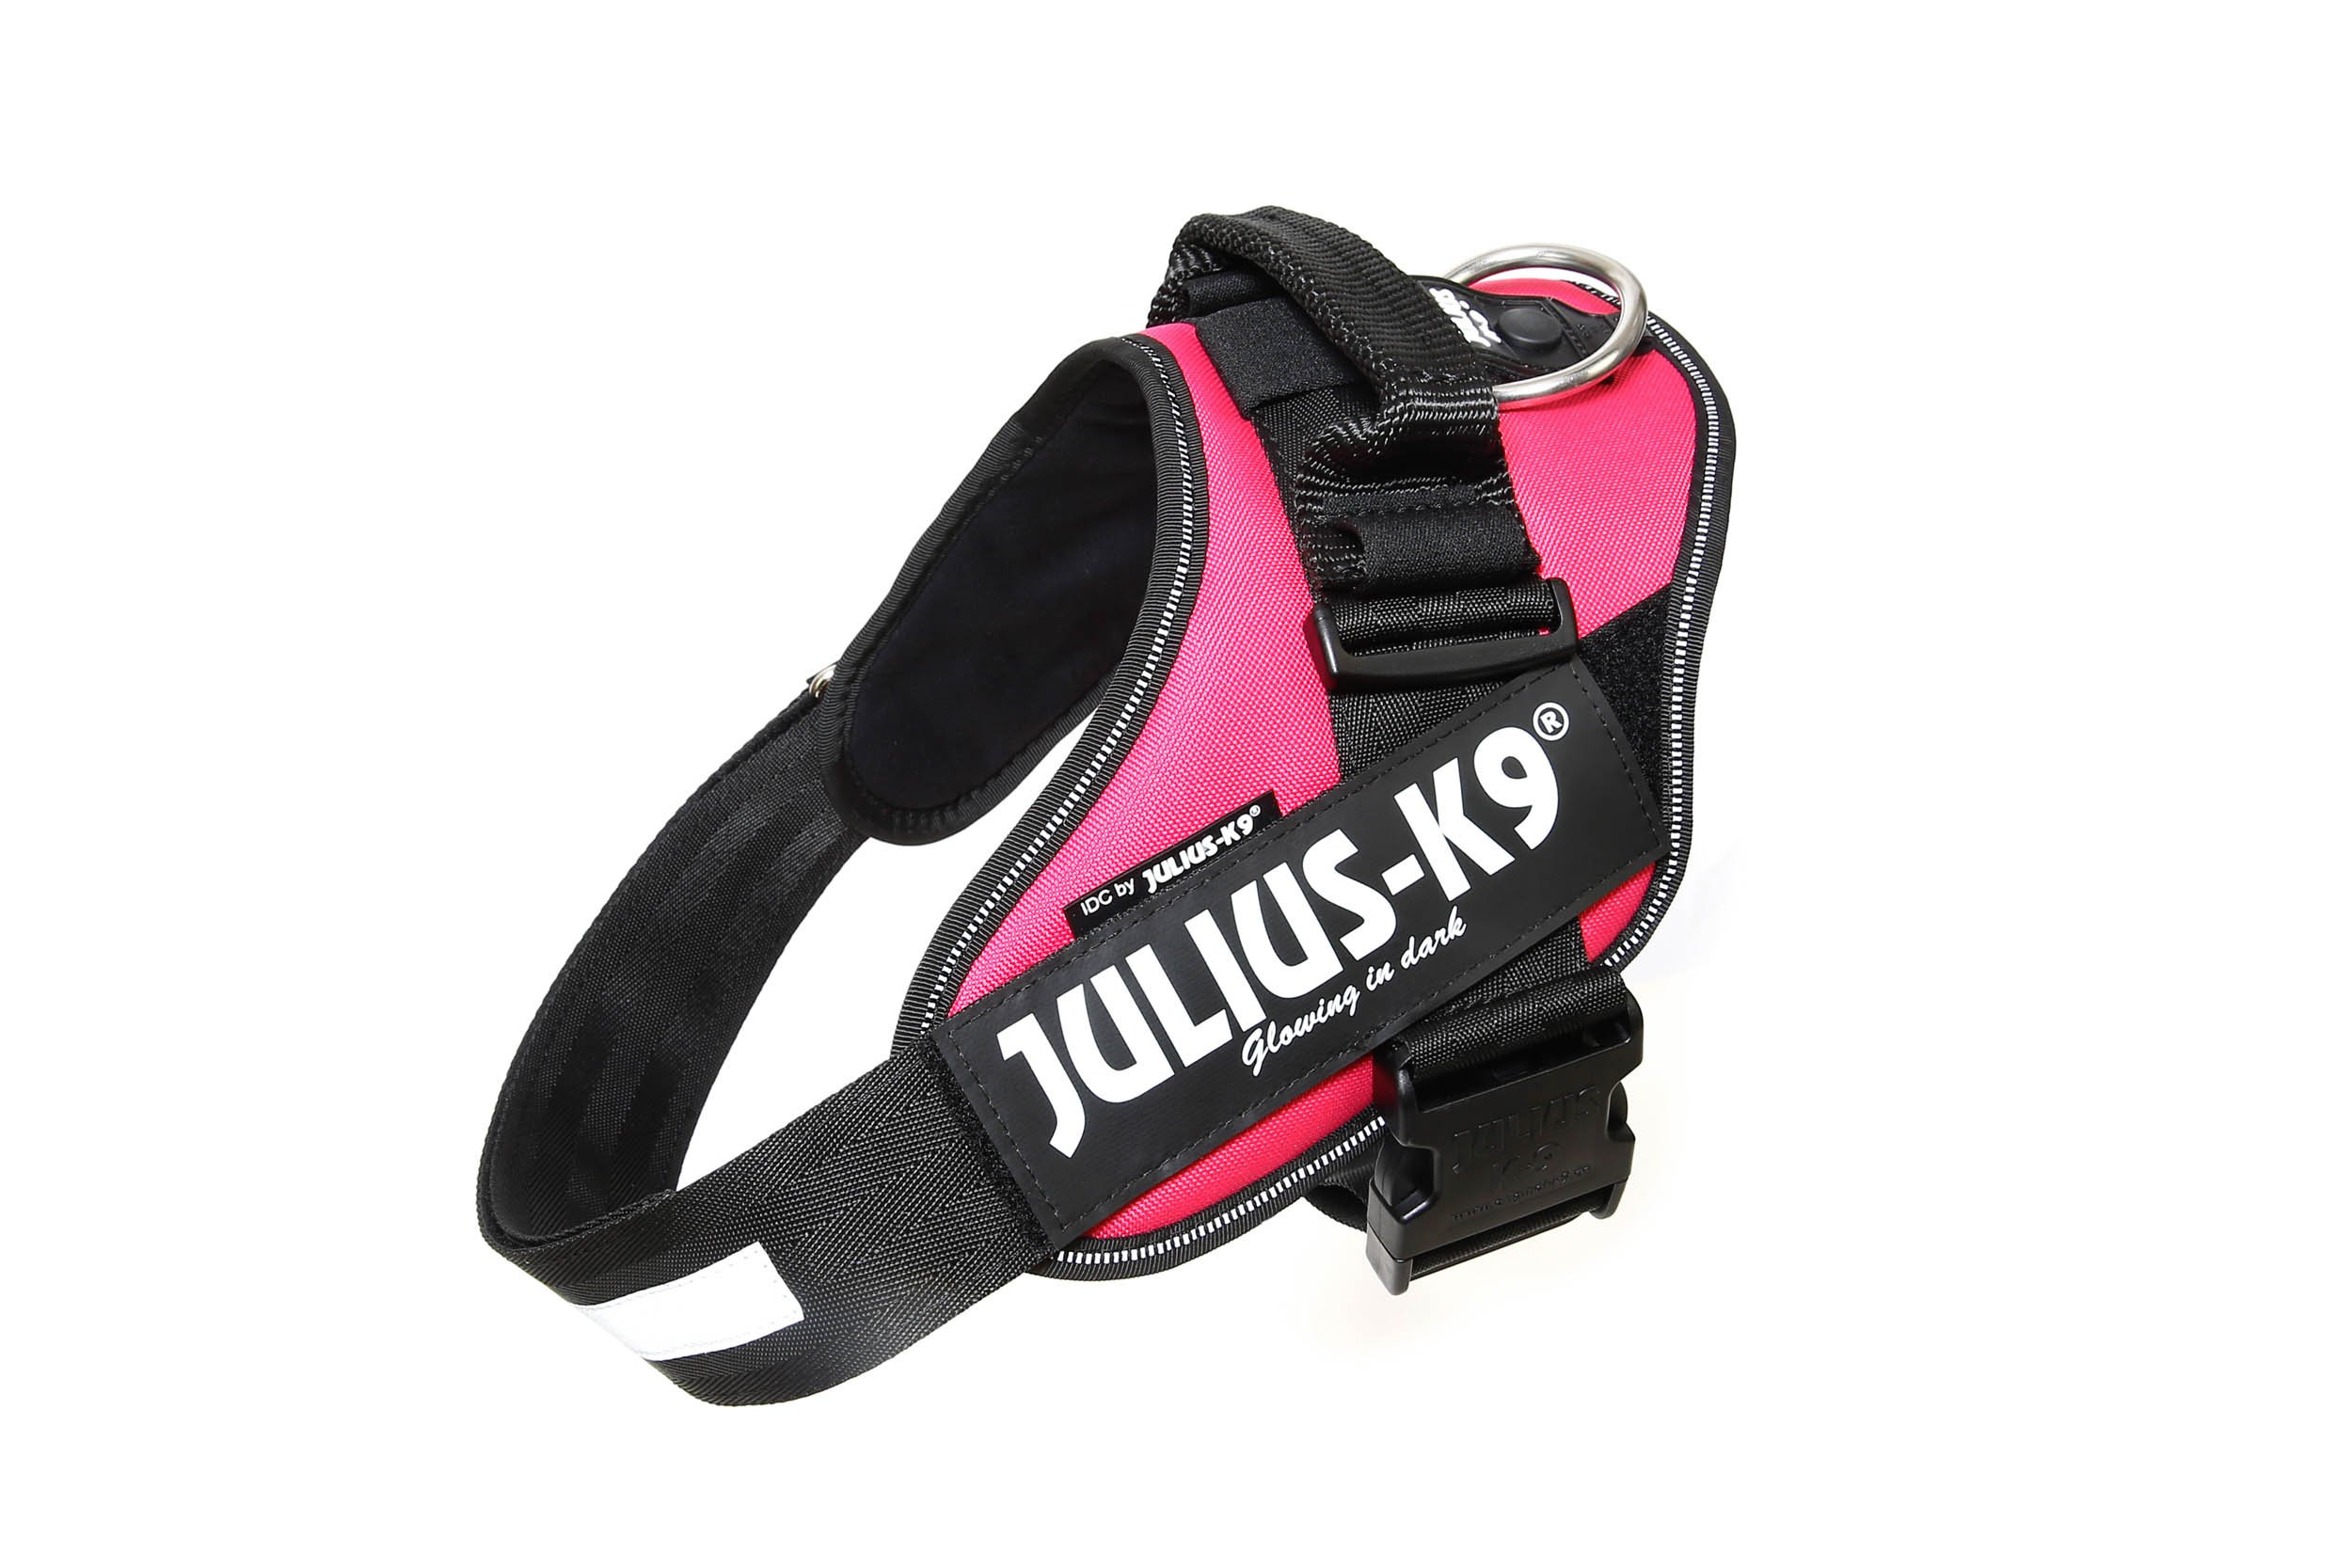 Julius-K9 16IDC-DPN-1 IDC Power Harness, Size: 1 (63-85cm/26-33.5''), Dark Pink by Julius-K9 (Image #1)